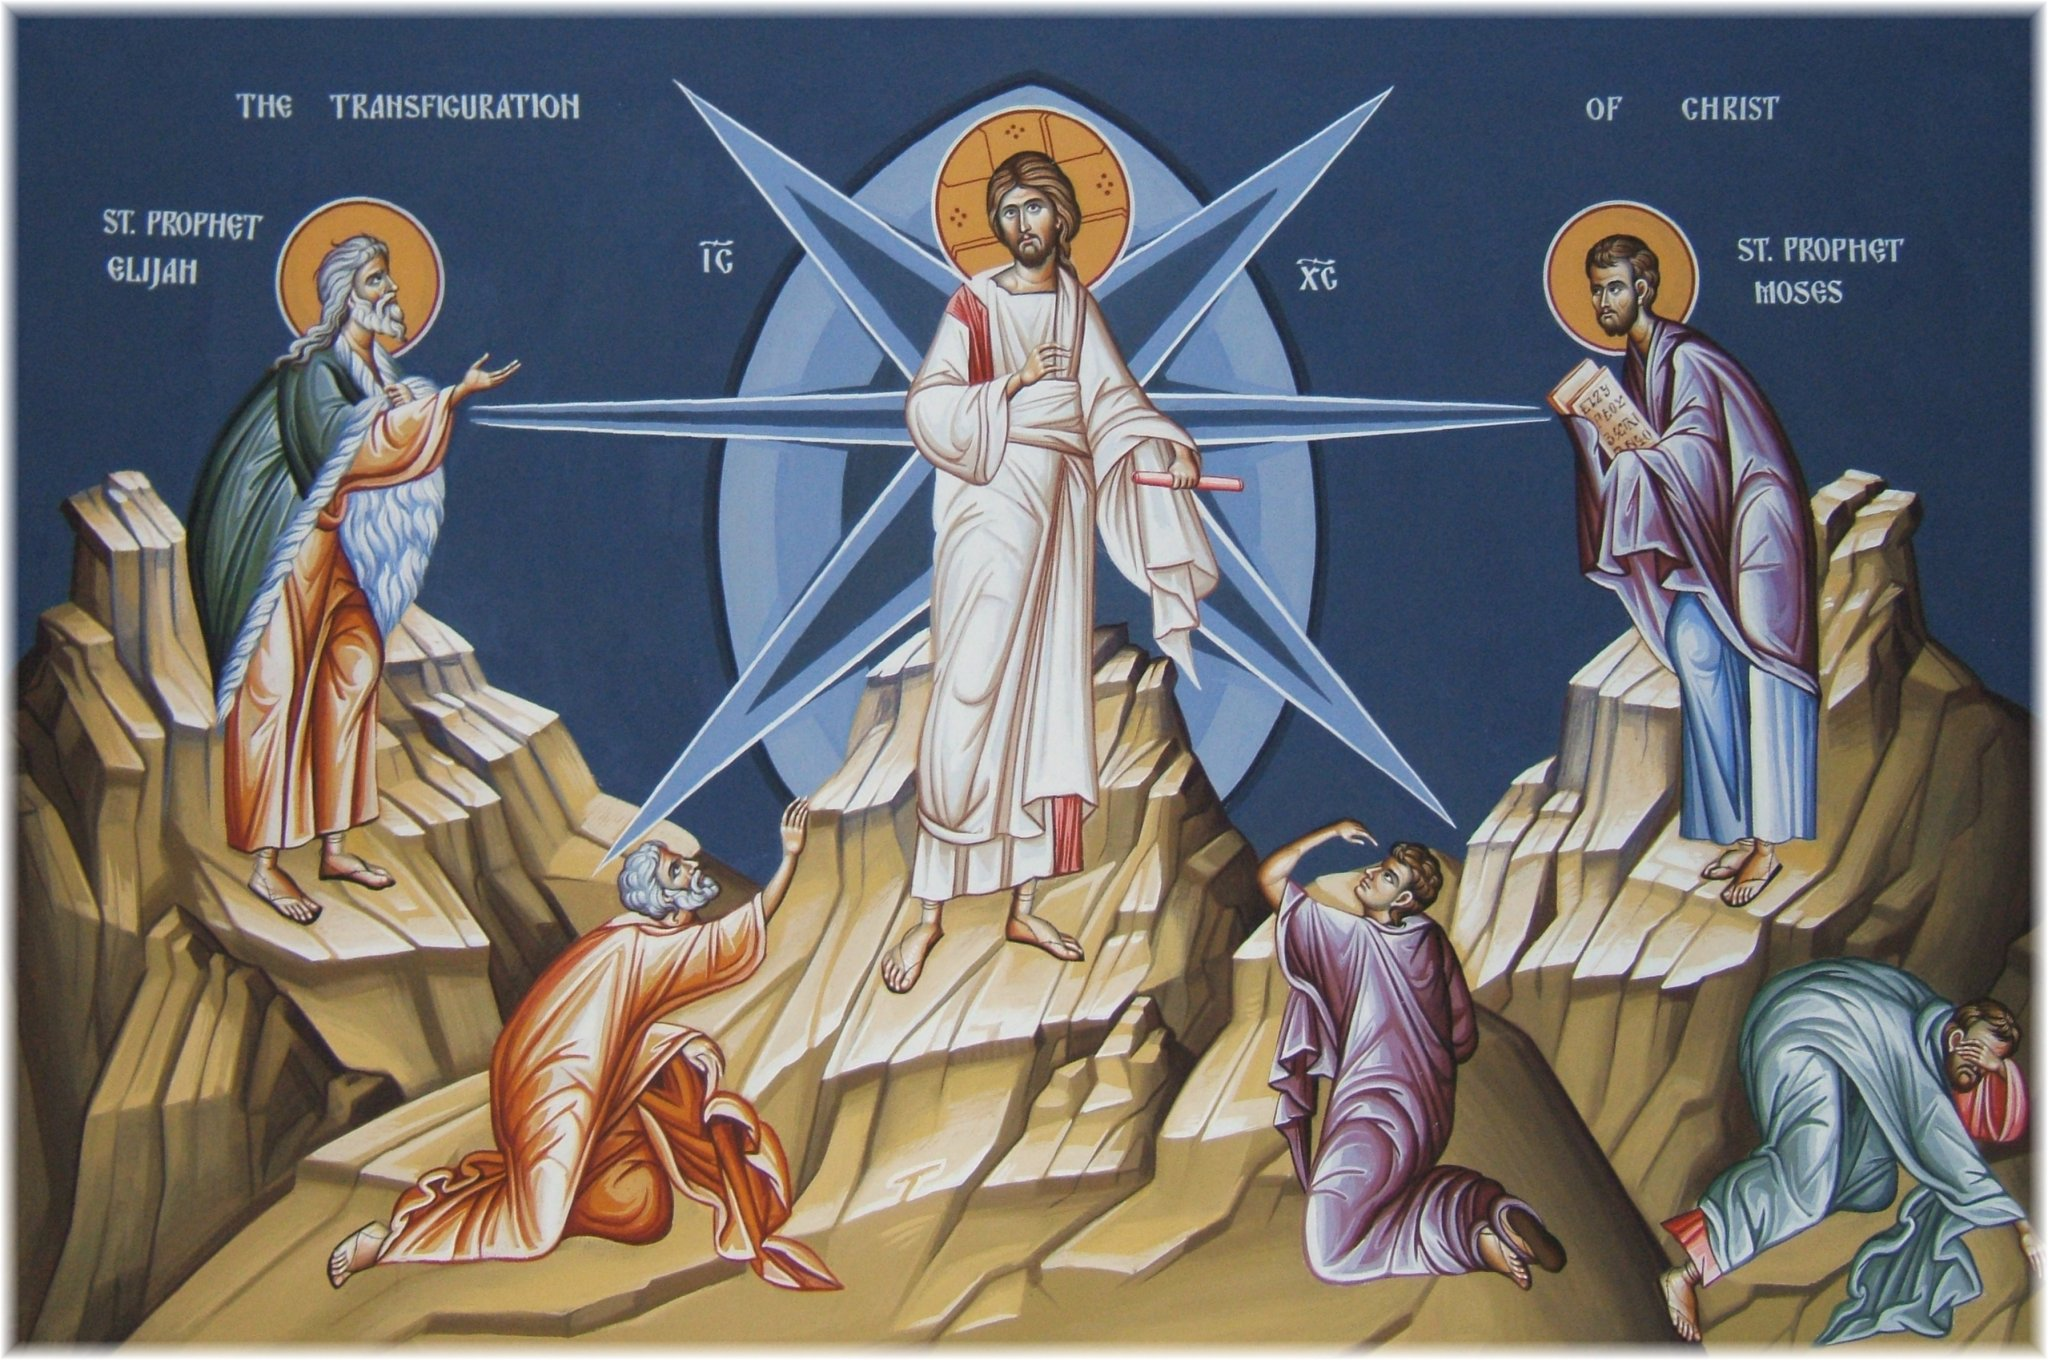 Transfiguration A